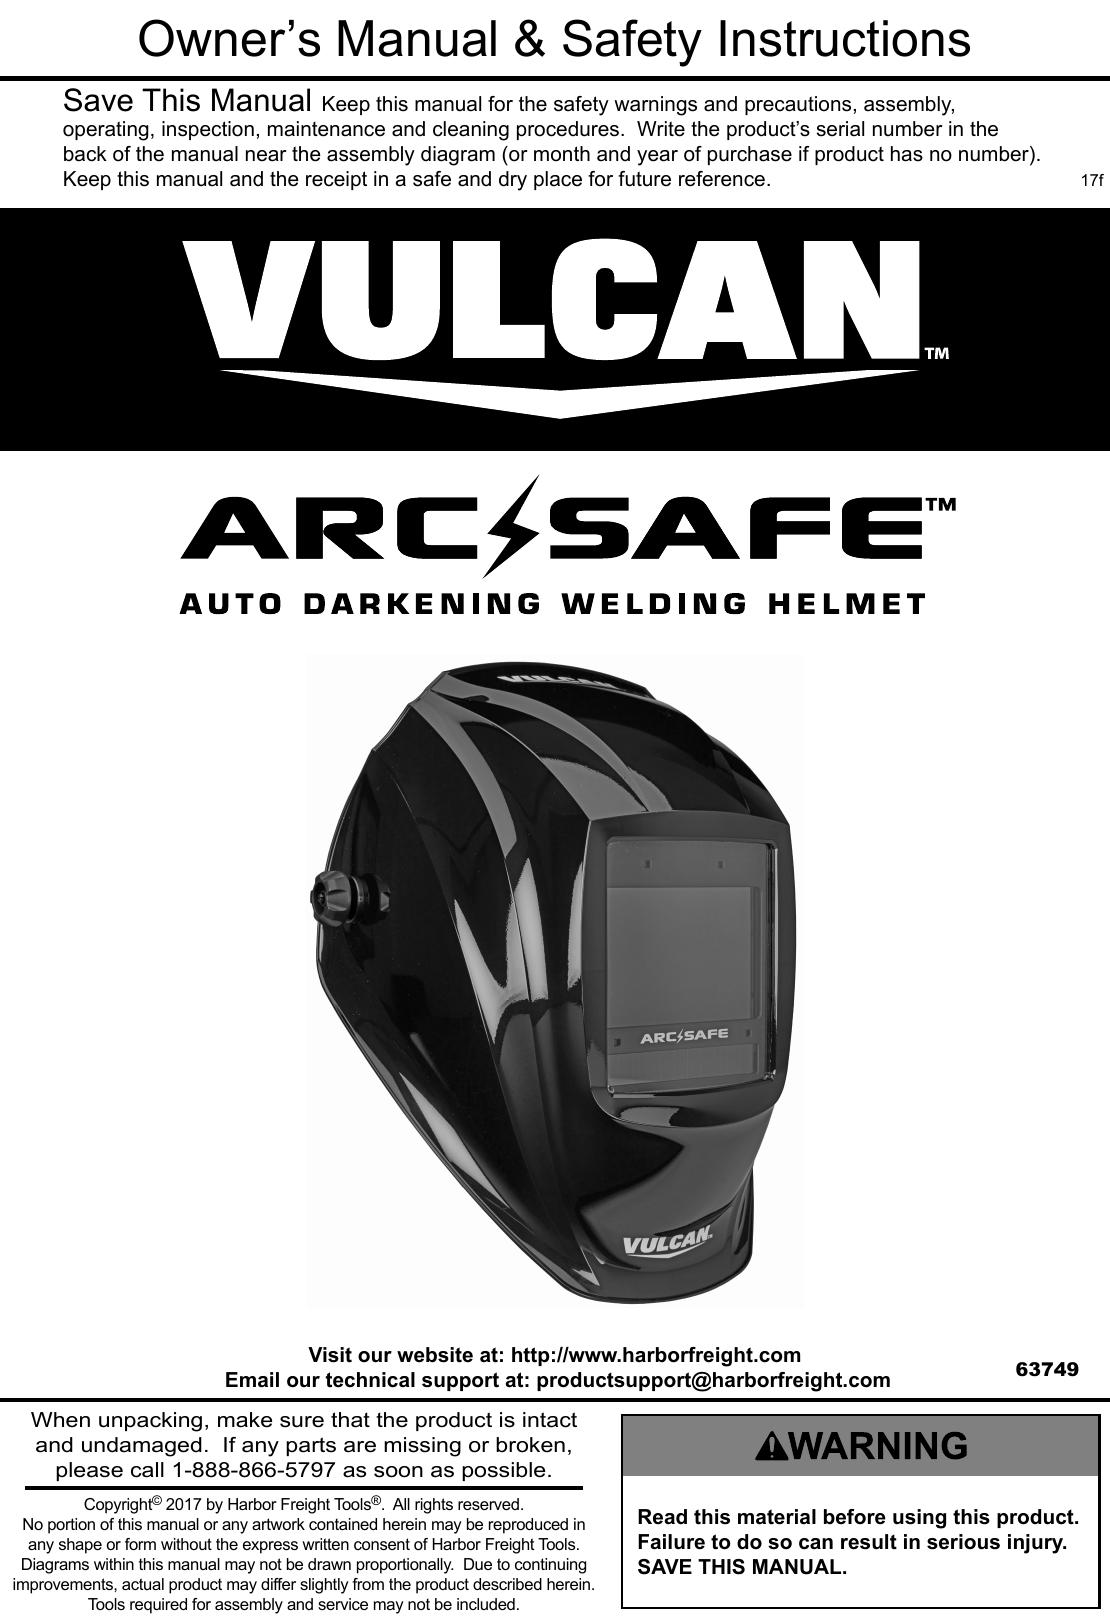 manual for the 63749 arc safe™ auto darkening welding helmet Welding Helmet Outline